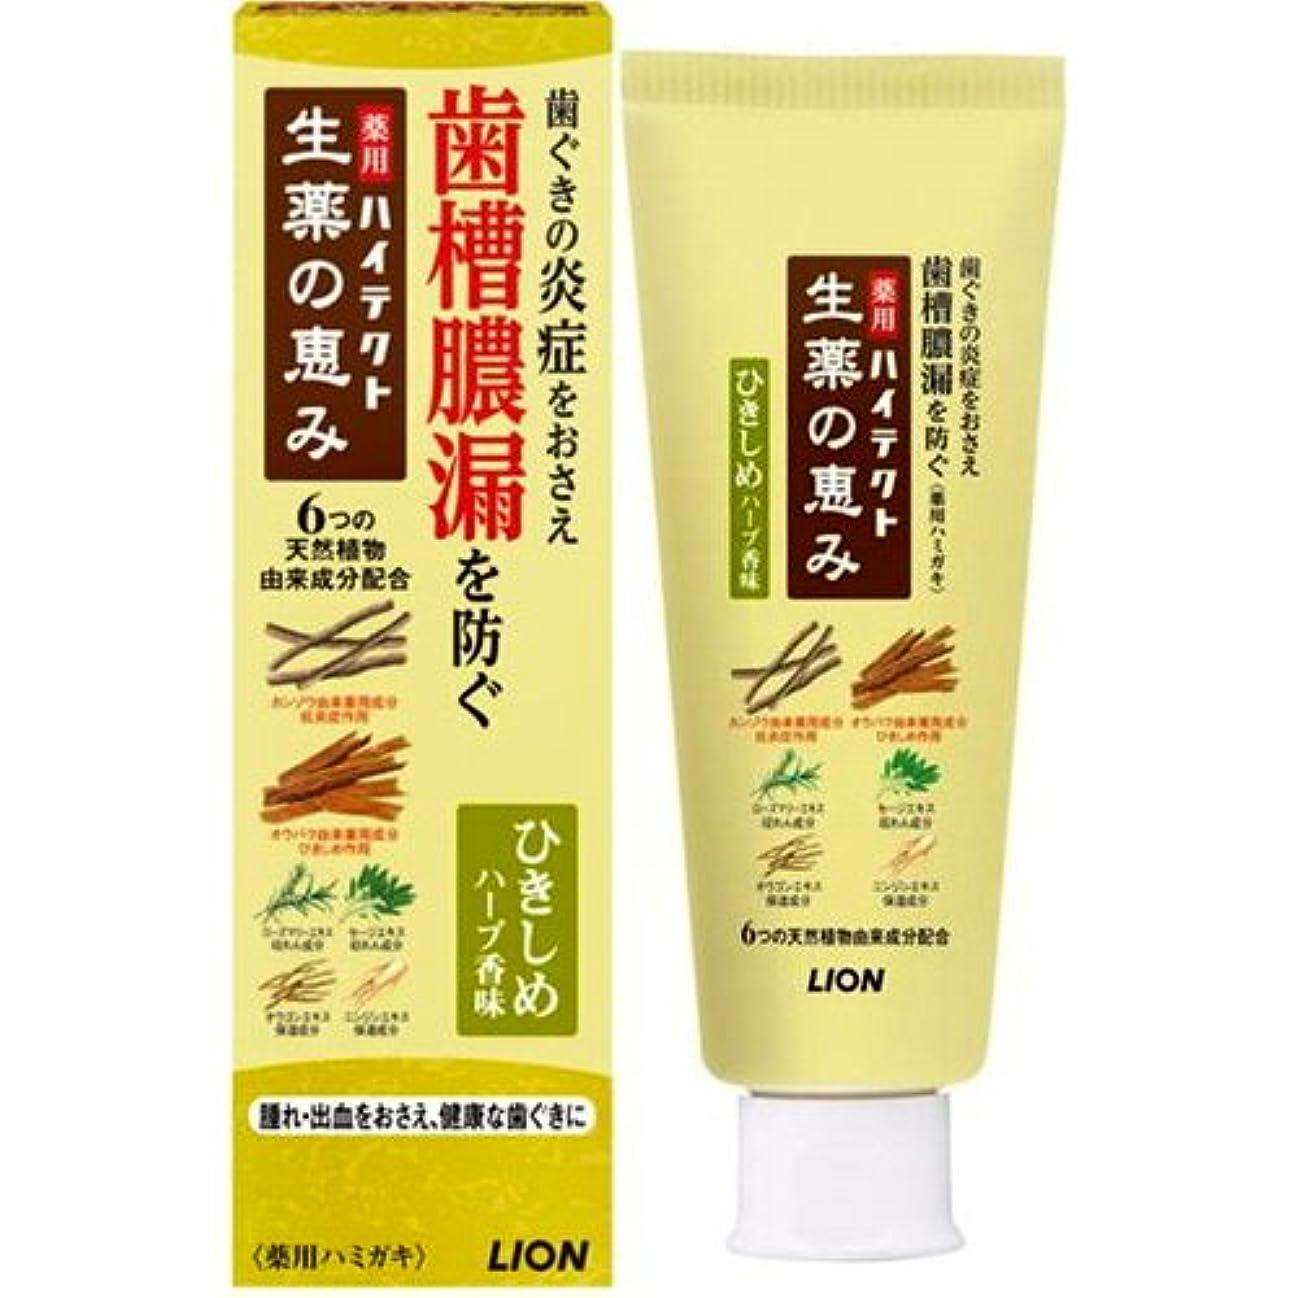 プラカード放送メディア【ライオン】ハイテクト 生薬の恵み ひきしめハーブ香味 90g ×3個セット